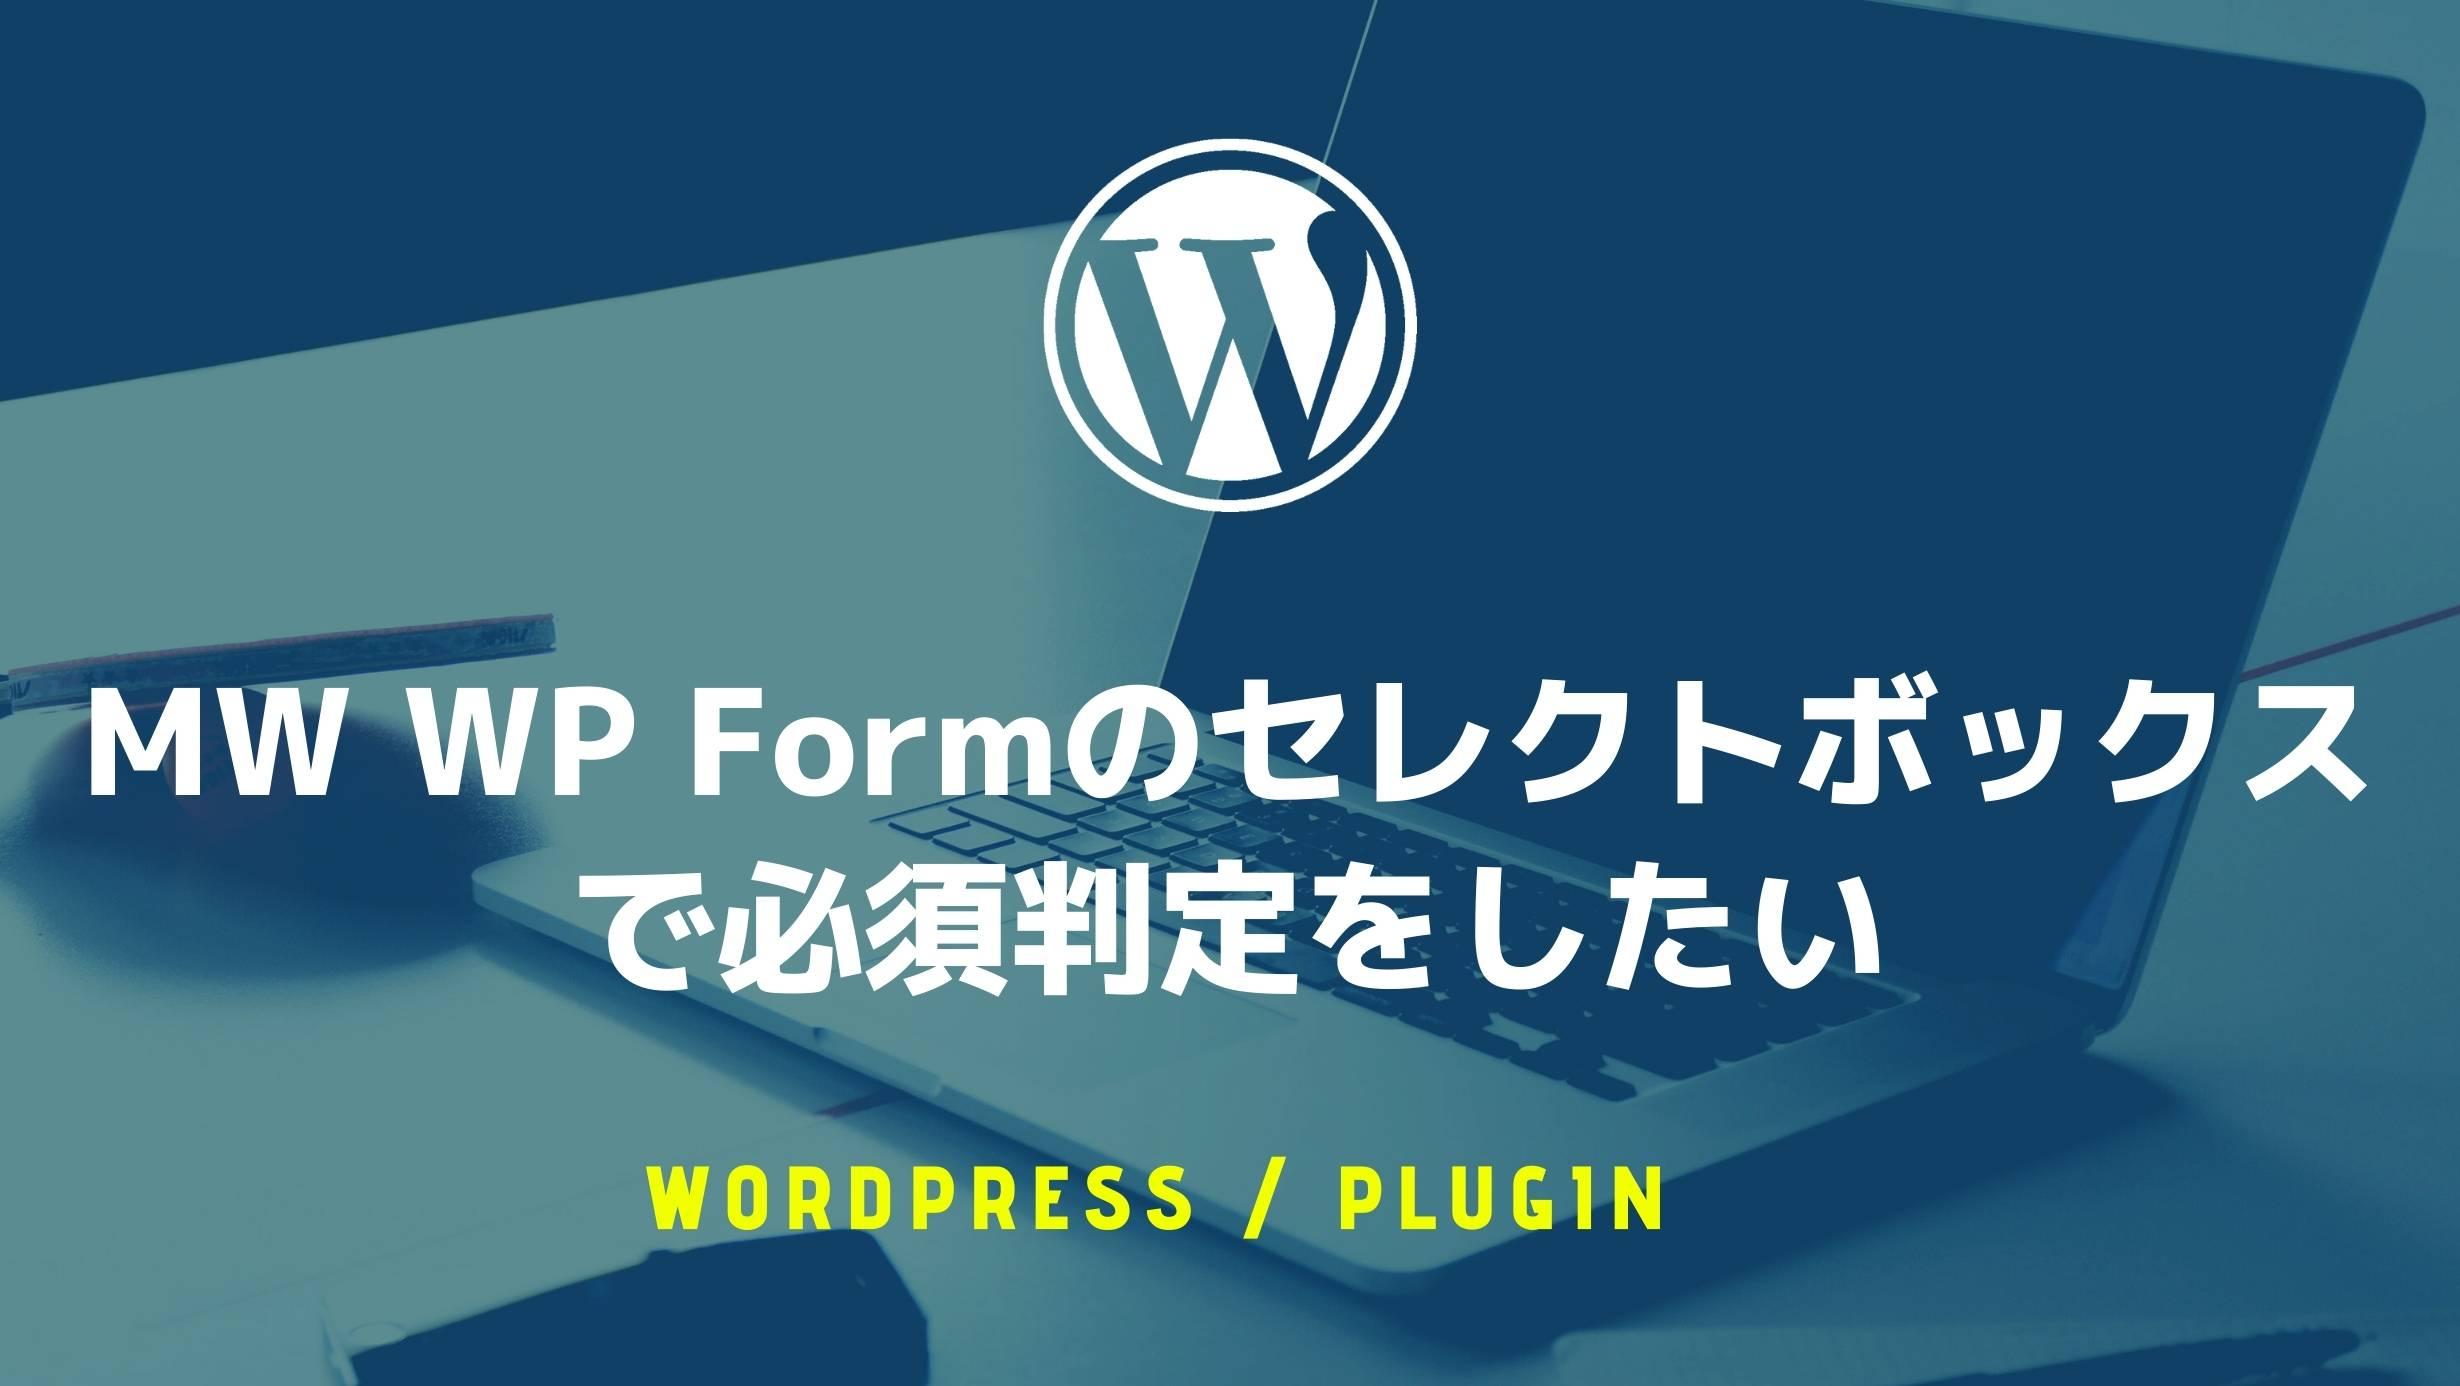 MW WP Formのセレクトボックスで必須判定をしたい(空白や「選択してください」を使いたい)